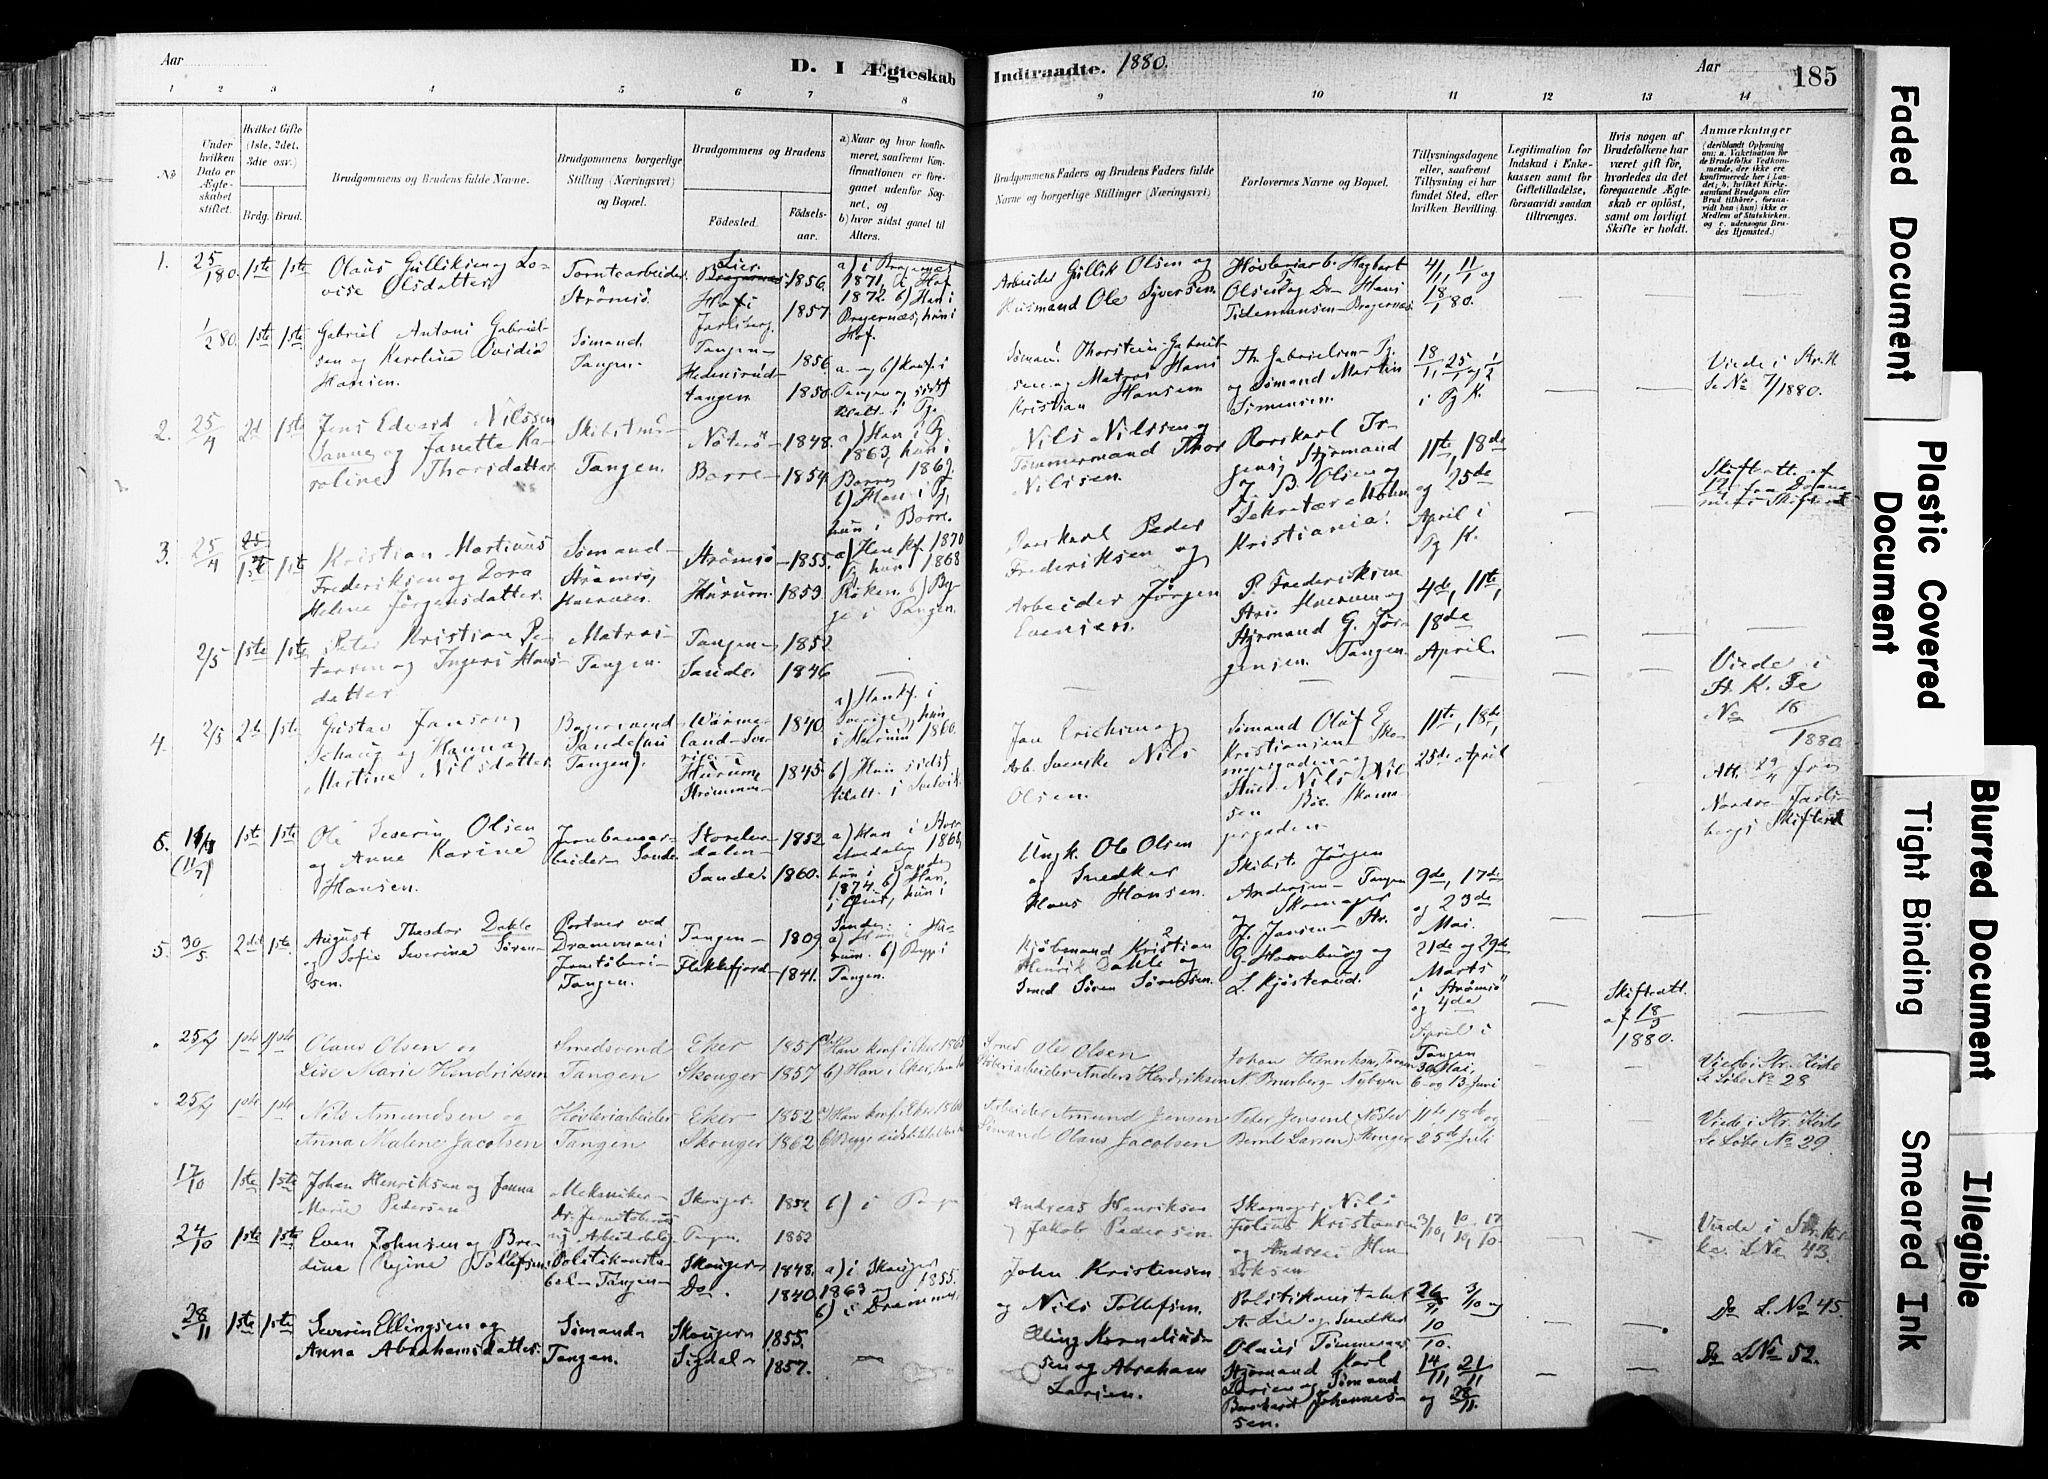 SAKO, Strømsø kirkebøker, F/Fb/L0006: Ministerialbok nr. II 6, 1879-1910, s. 185